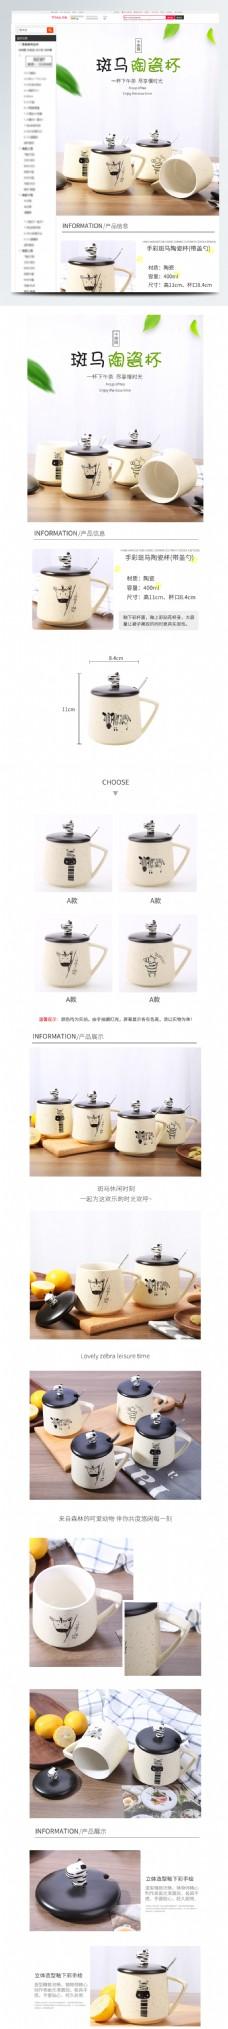 淘宝天猫可爱小清新风格陶瓷杯详情页模板